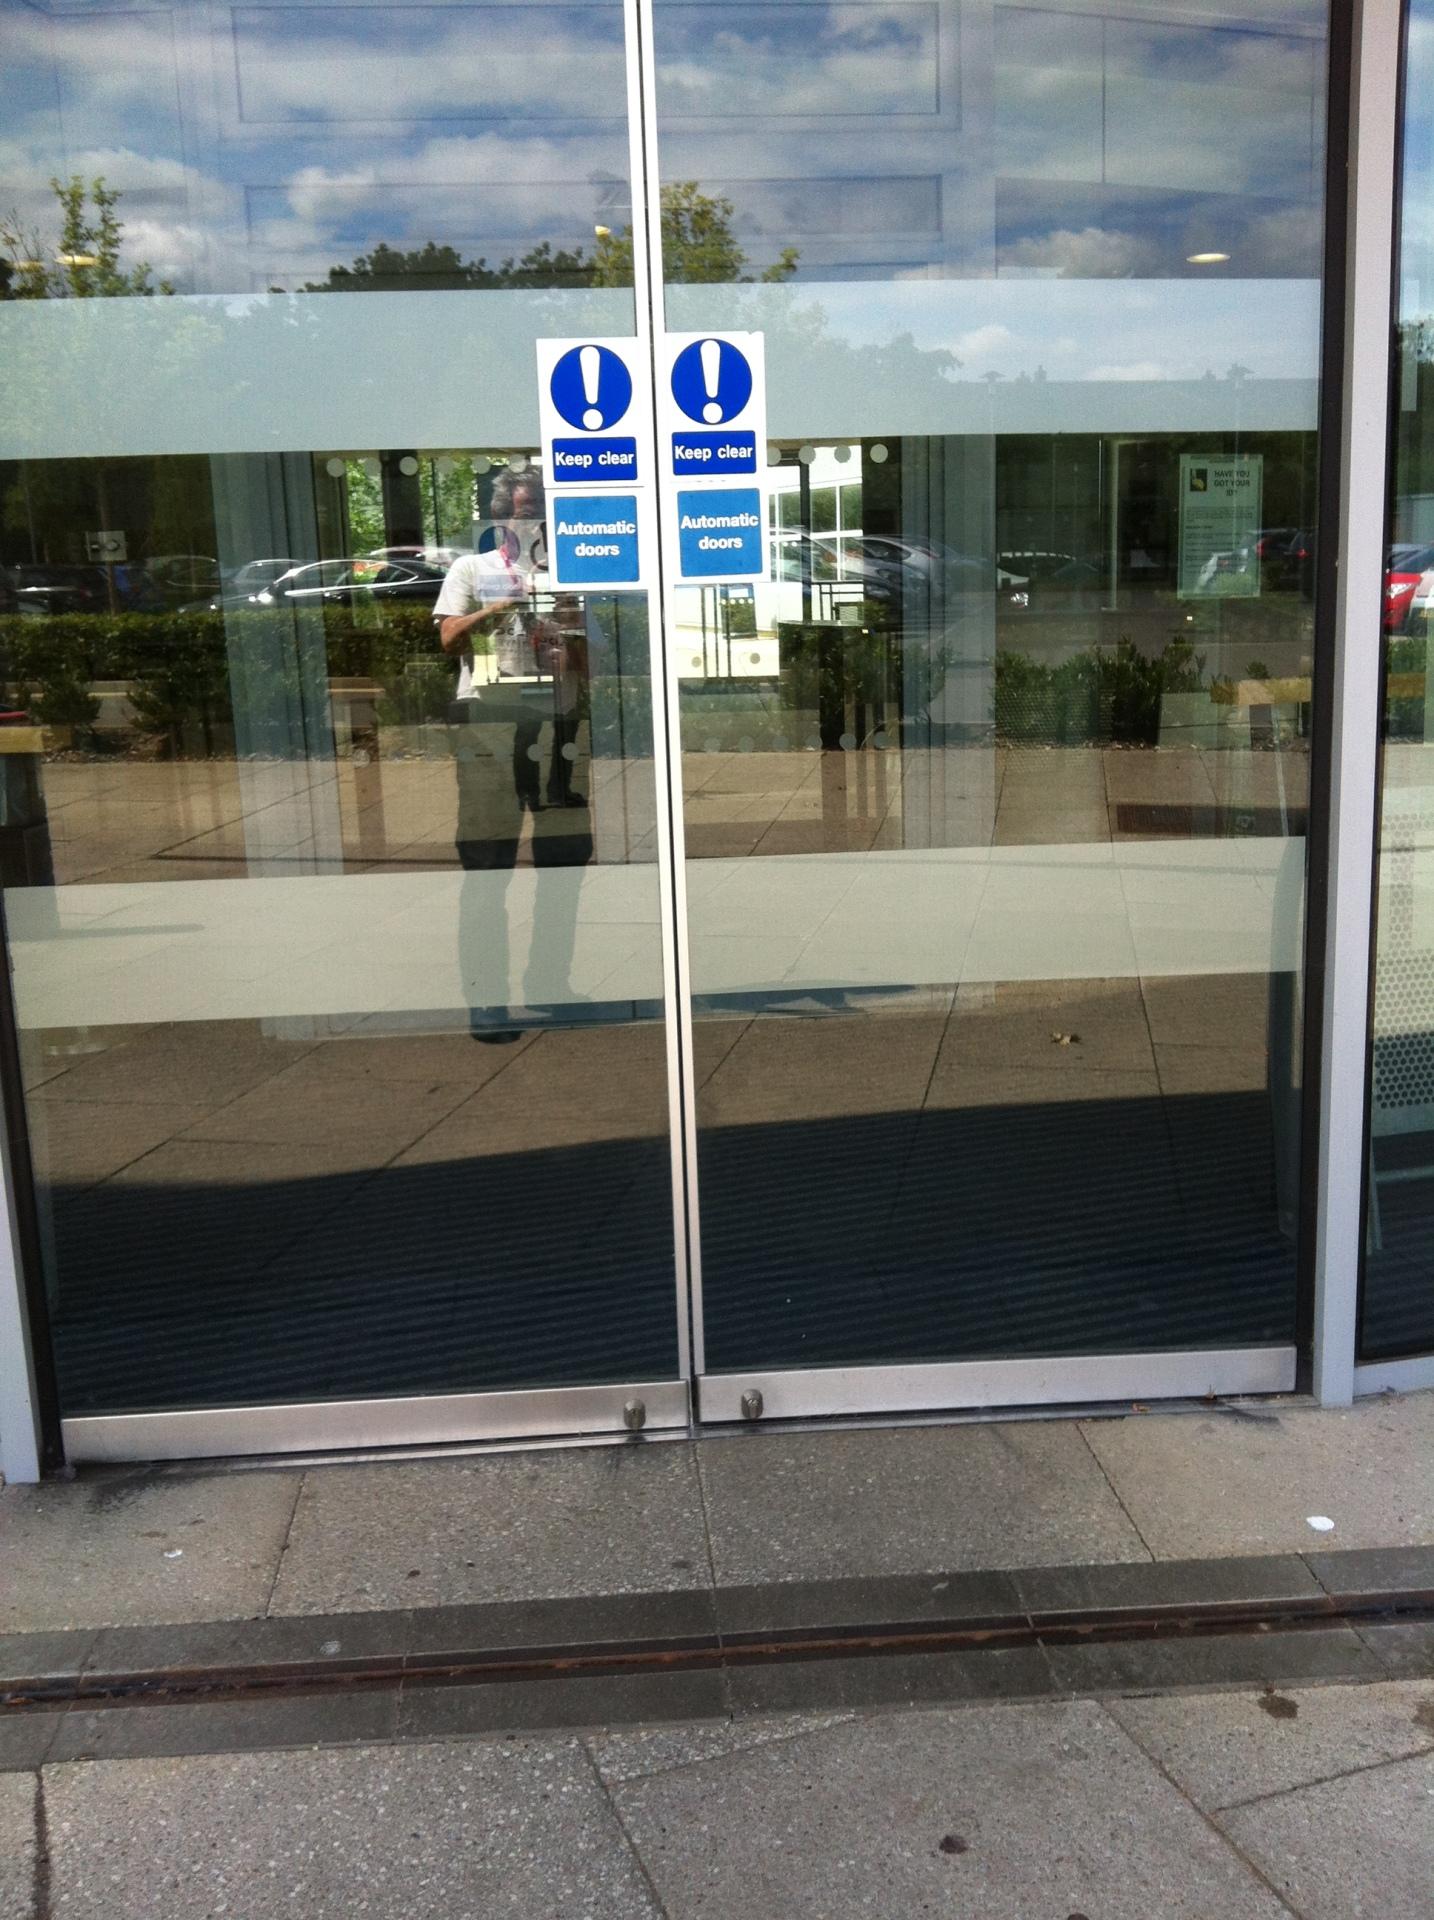 Bromley College Glass door Locks